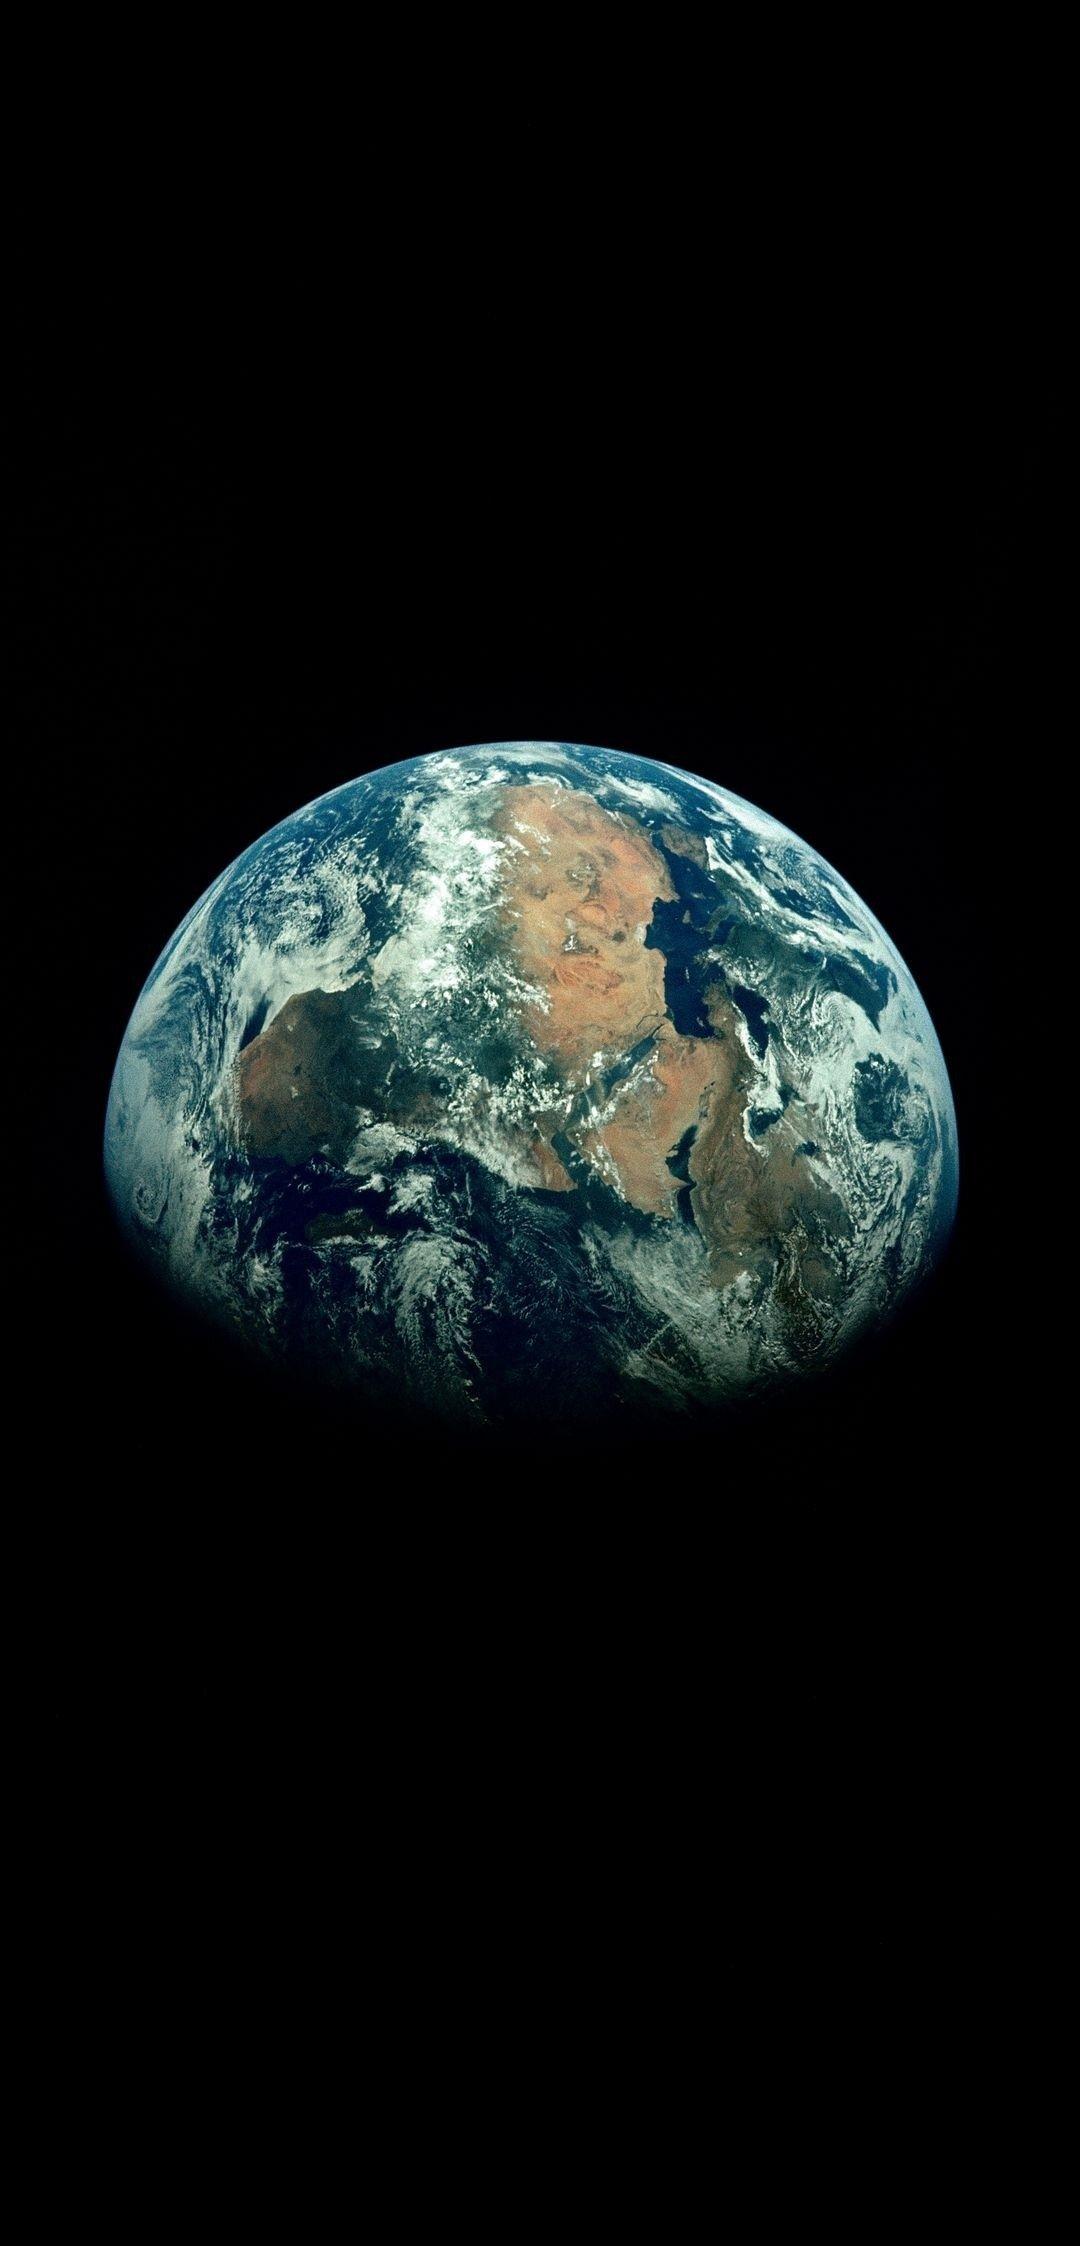 Pin on Earth